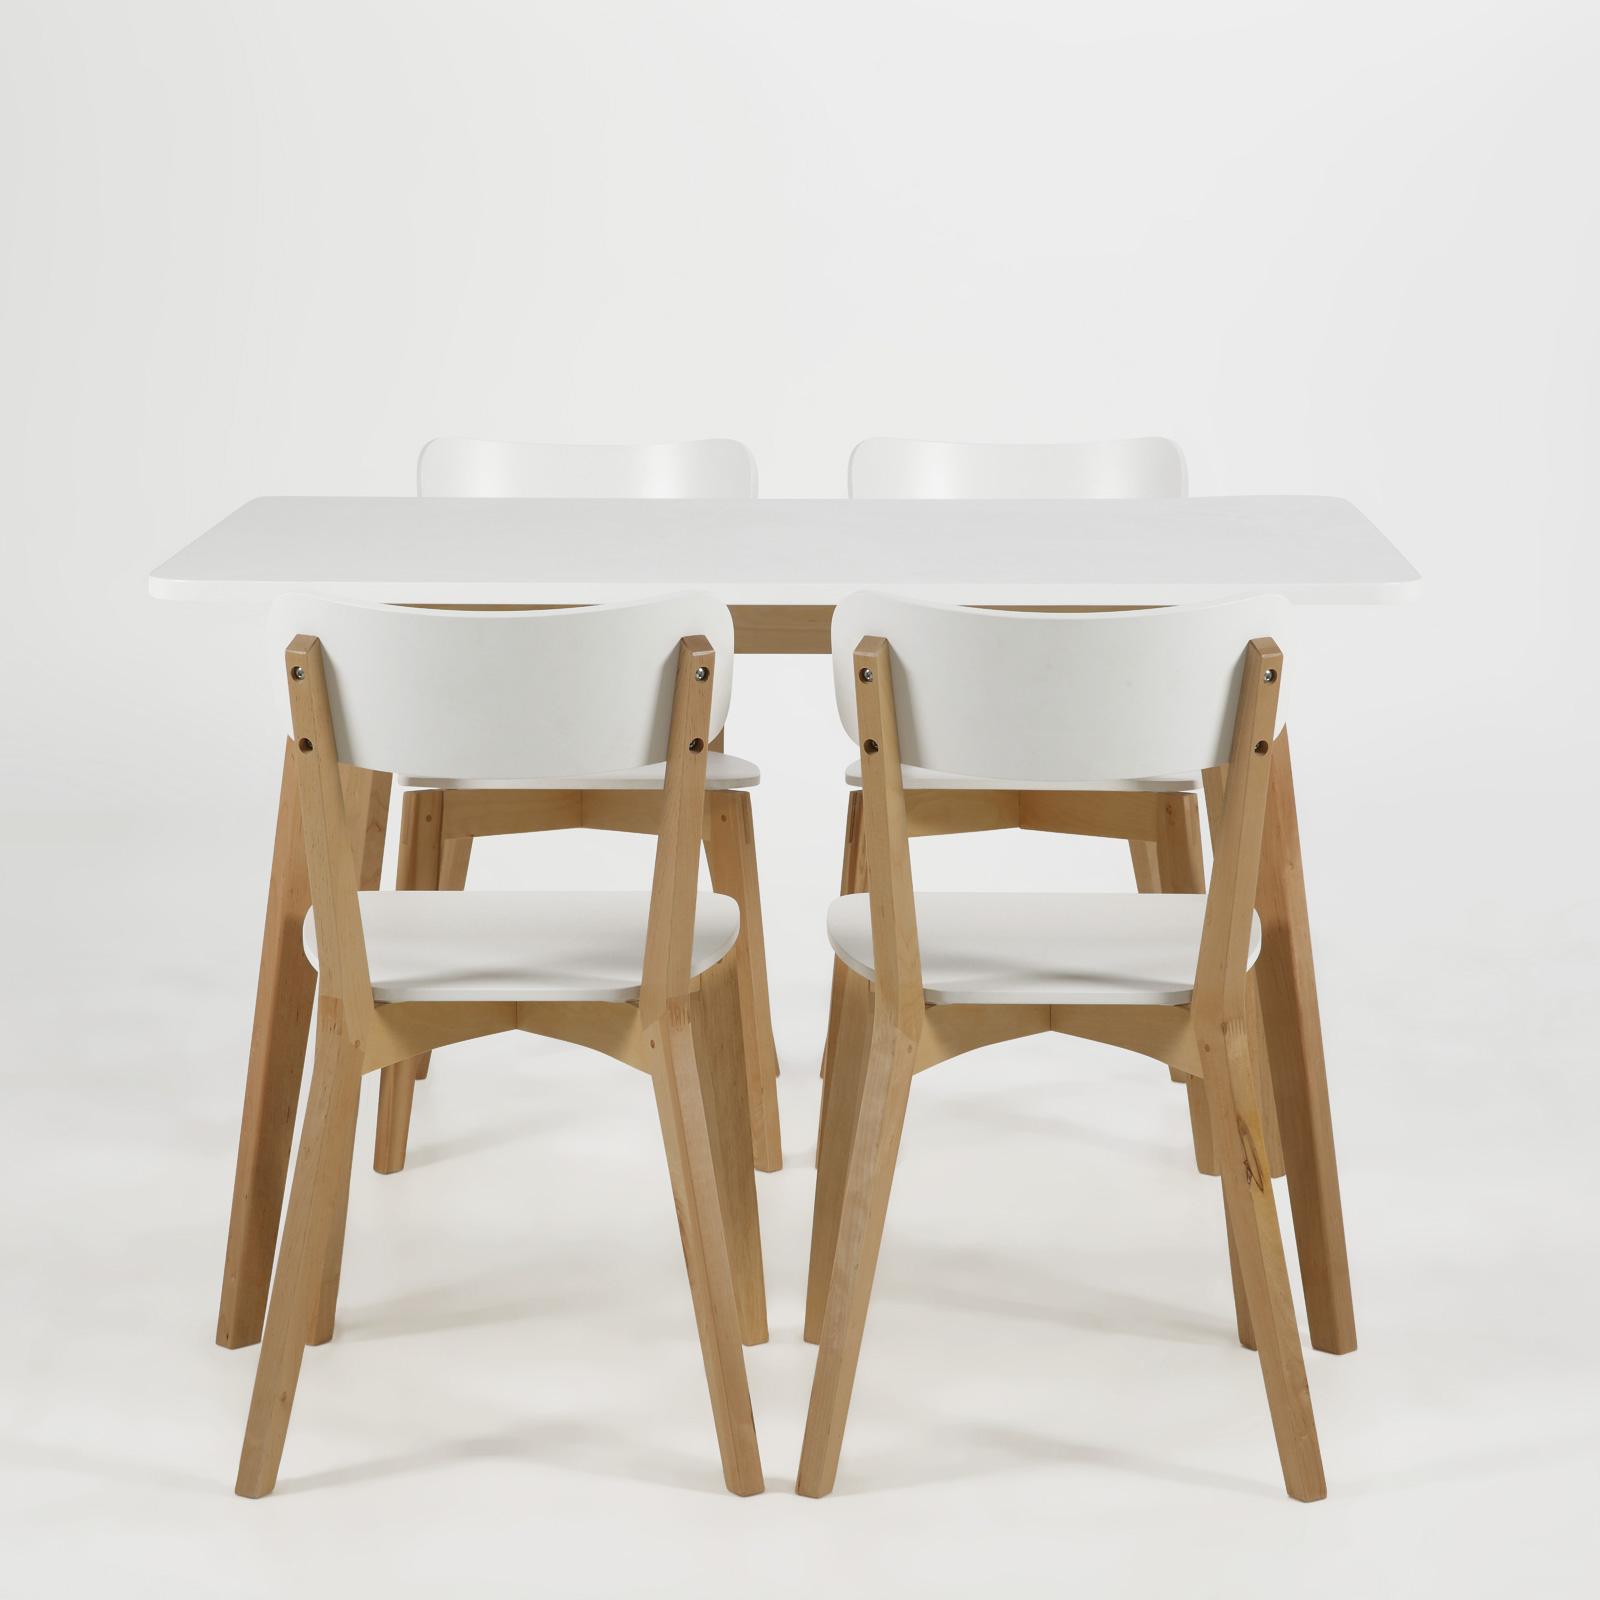 Groß Weißer Küchentisch Stühle Ebay Bilder - Küchenschrank Ideen ...